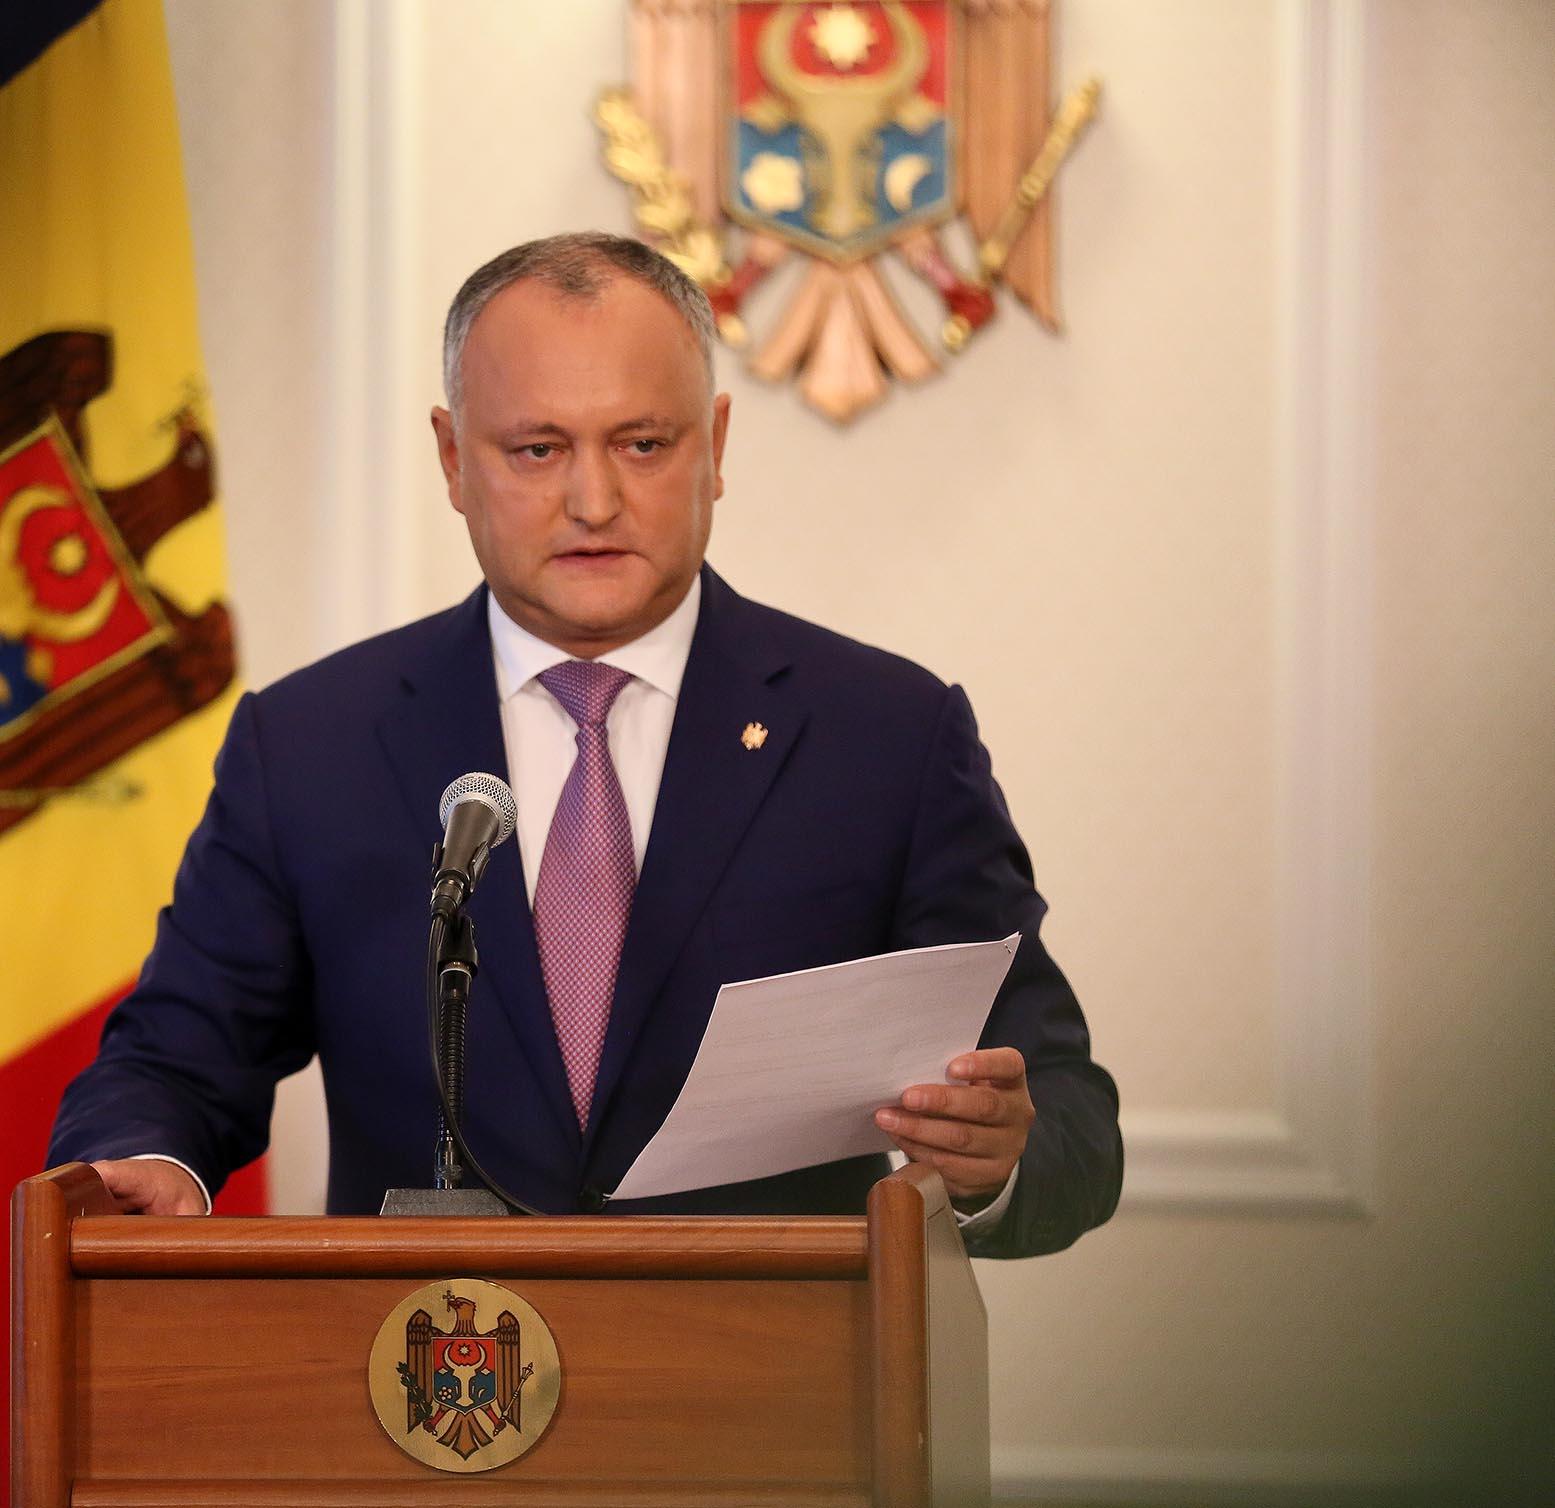 Президент готов не промульгировать некоторые повторно принятые парламентом законы или оспорить их в КС